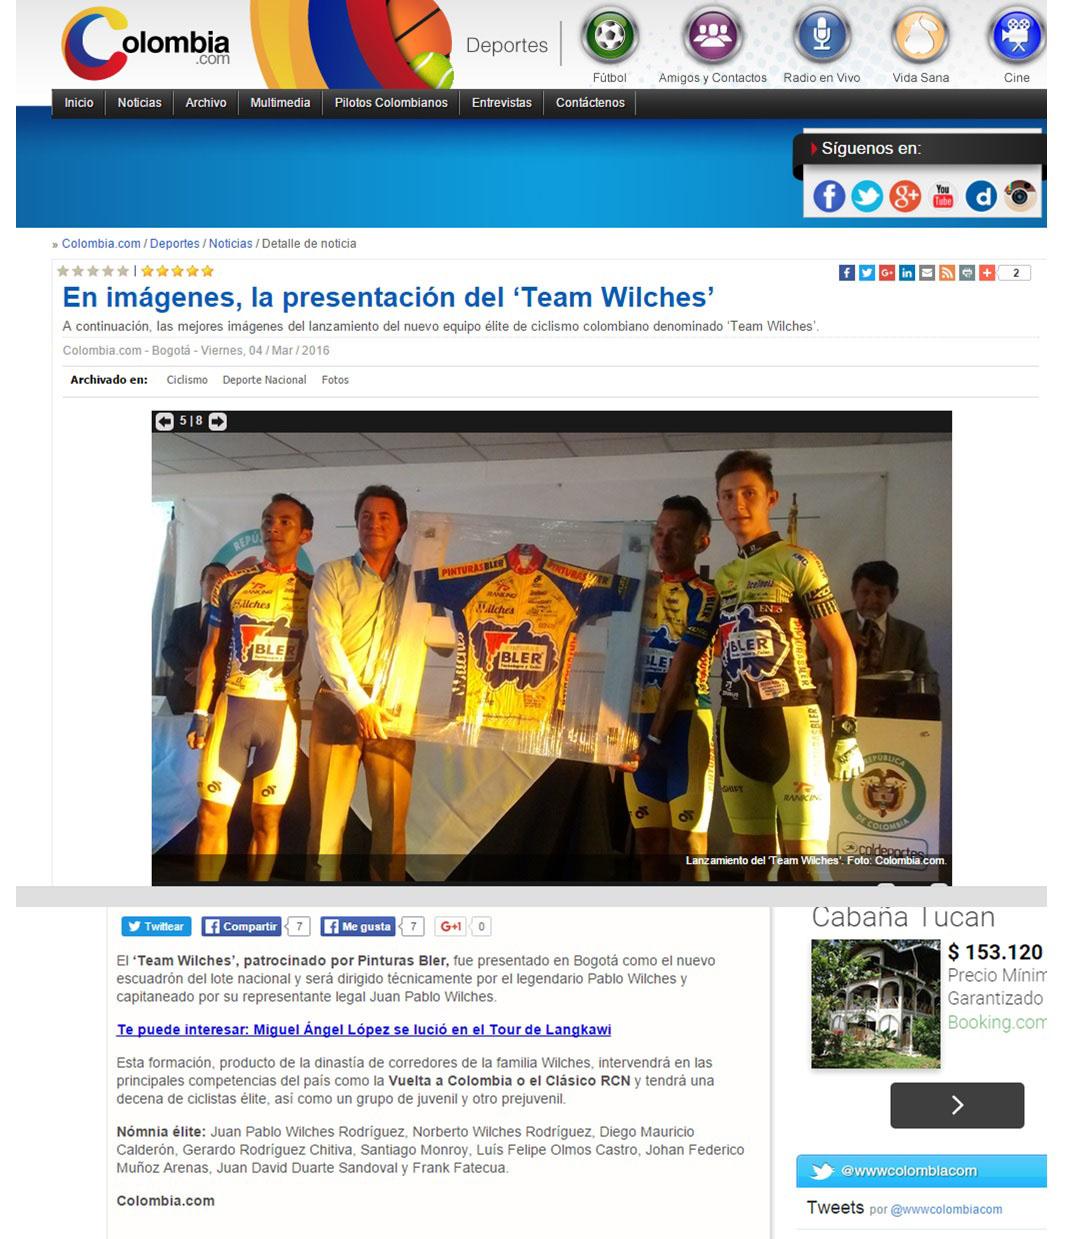 Colombia.com 4 de Marzo 2015 [web]